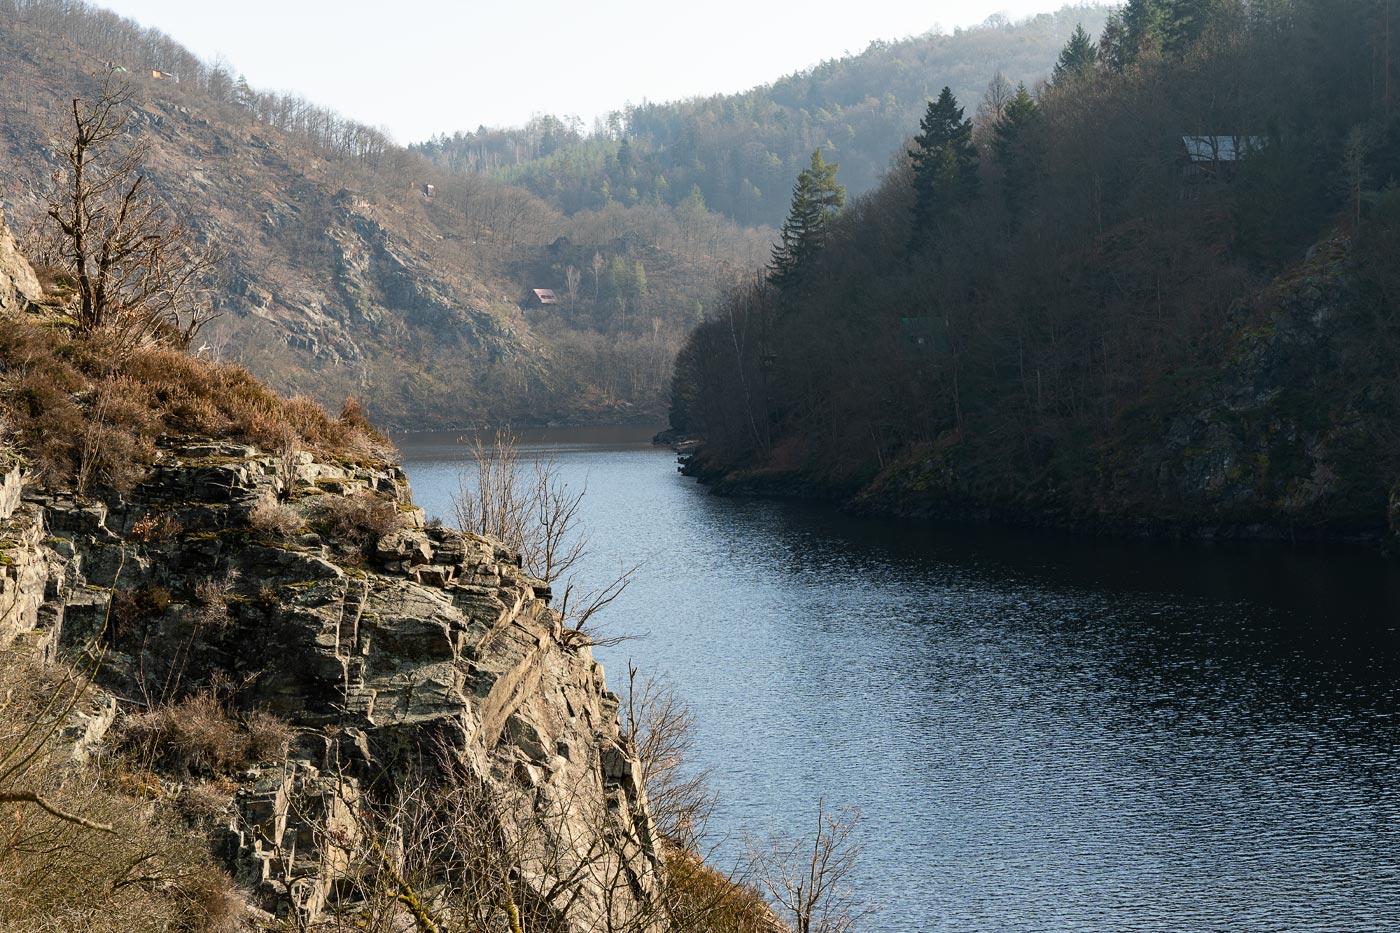 Прогулка вдоль Влтавы по природной резервации Кобыли драга